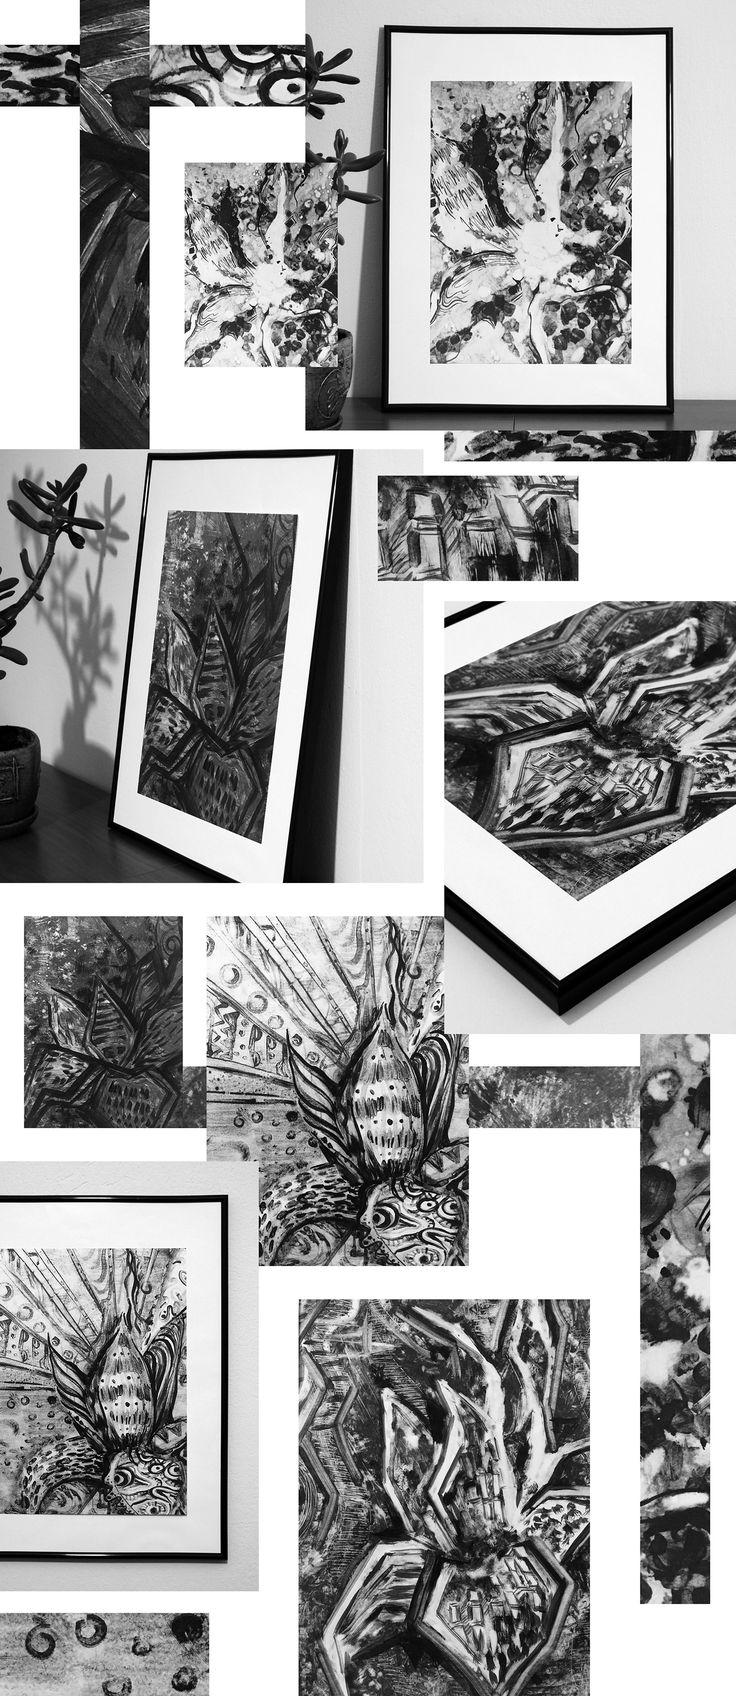 Серия иллюстраций на природную тему в технике монотипия  #graphic #bw #texture #графика #чб #пятно #линия #lines #pencil #art #monotype #монотипия